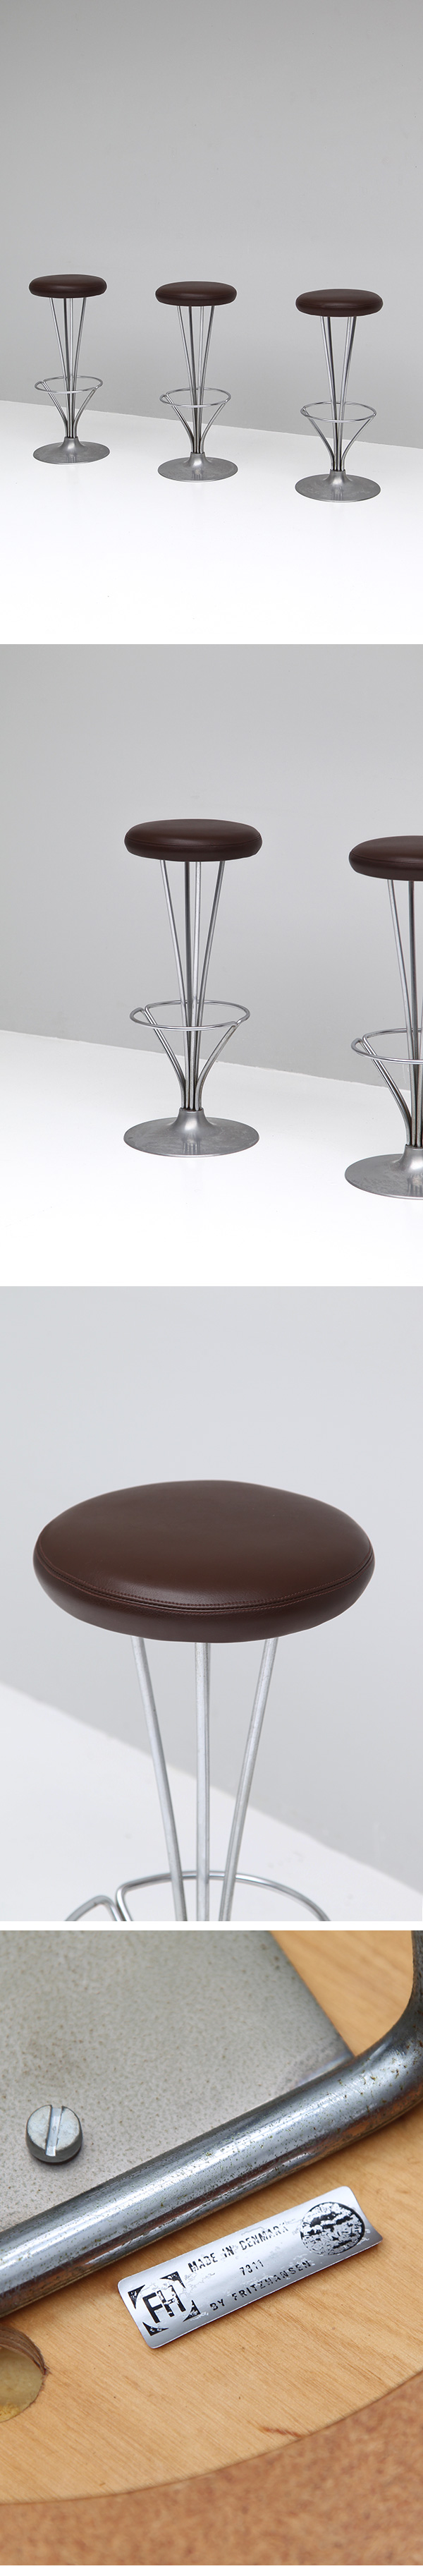 City Furniture Piet Hein For Fritz Hansen Bar Stools